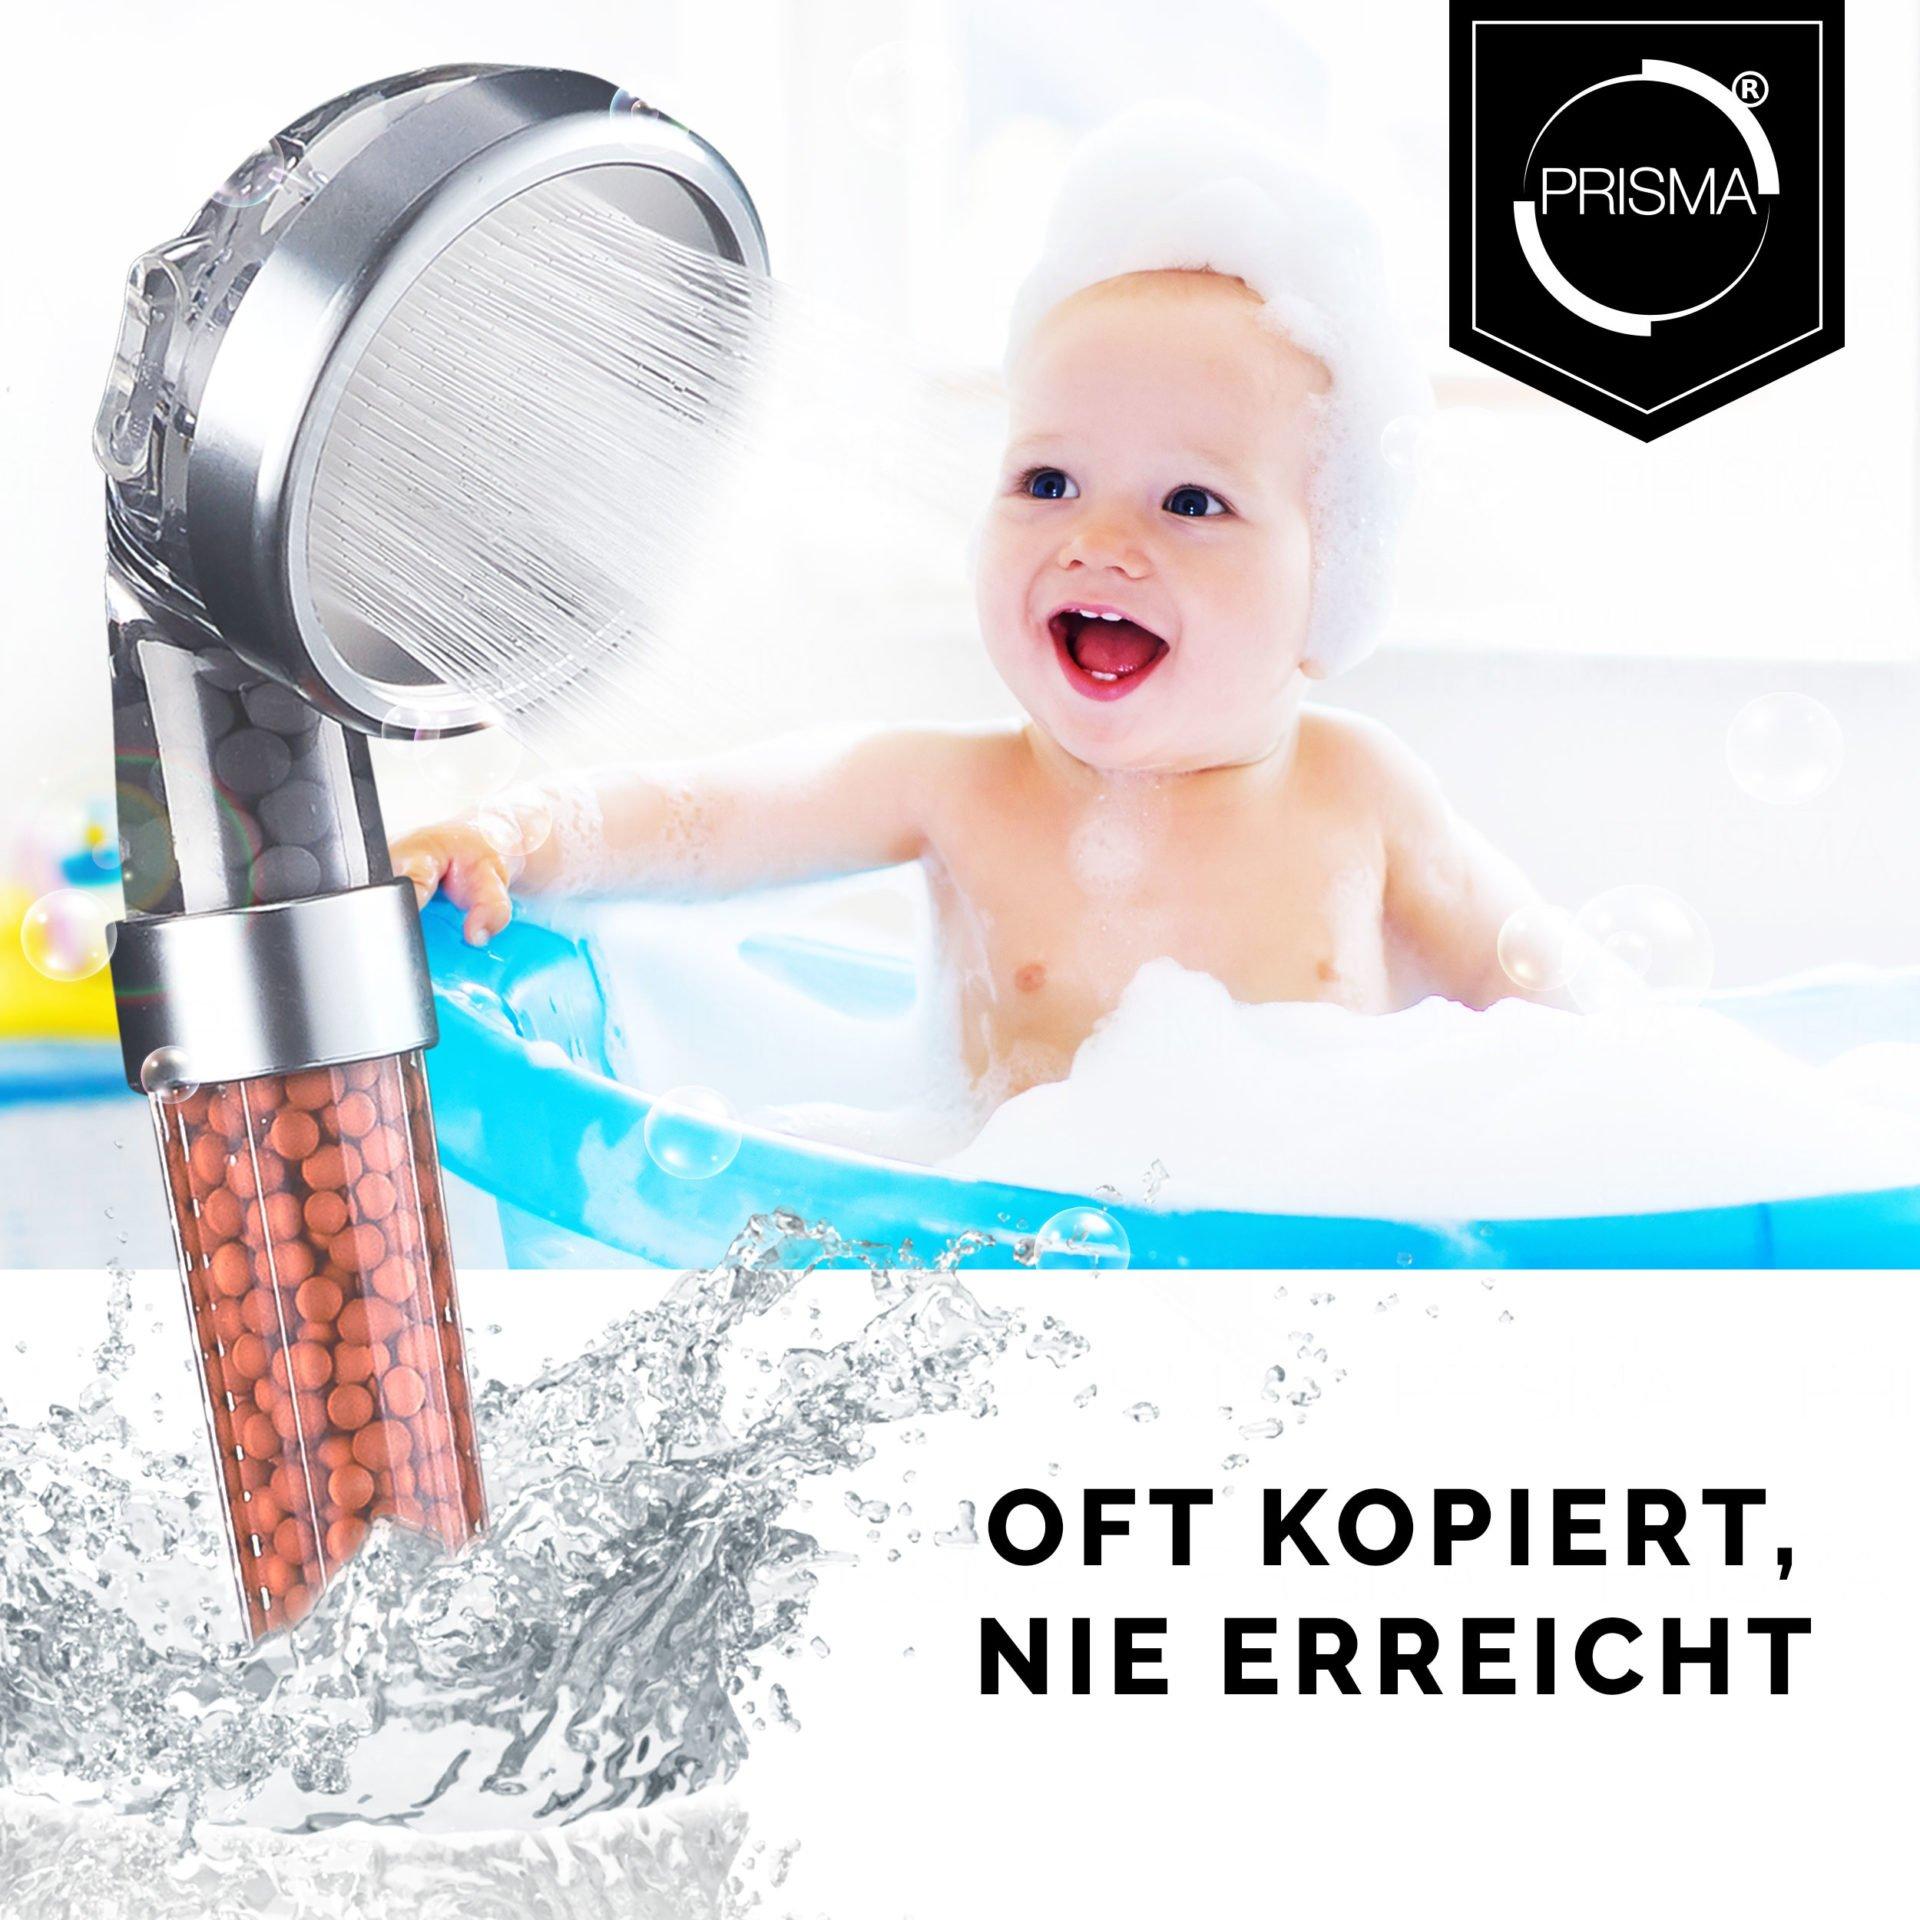 3998 Product - PRISMA Premium Duschkopf für ein einzigartiges Duscherlebnis